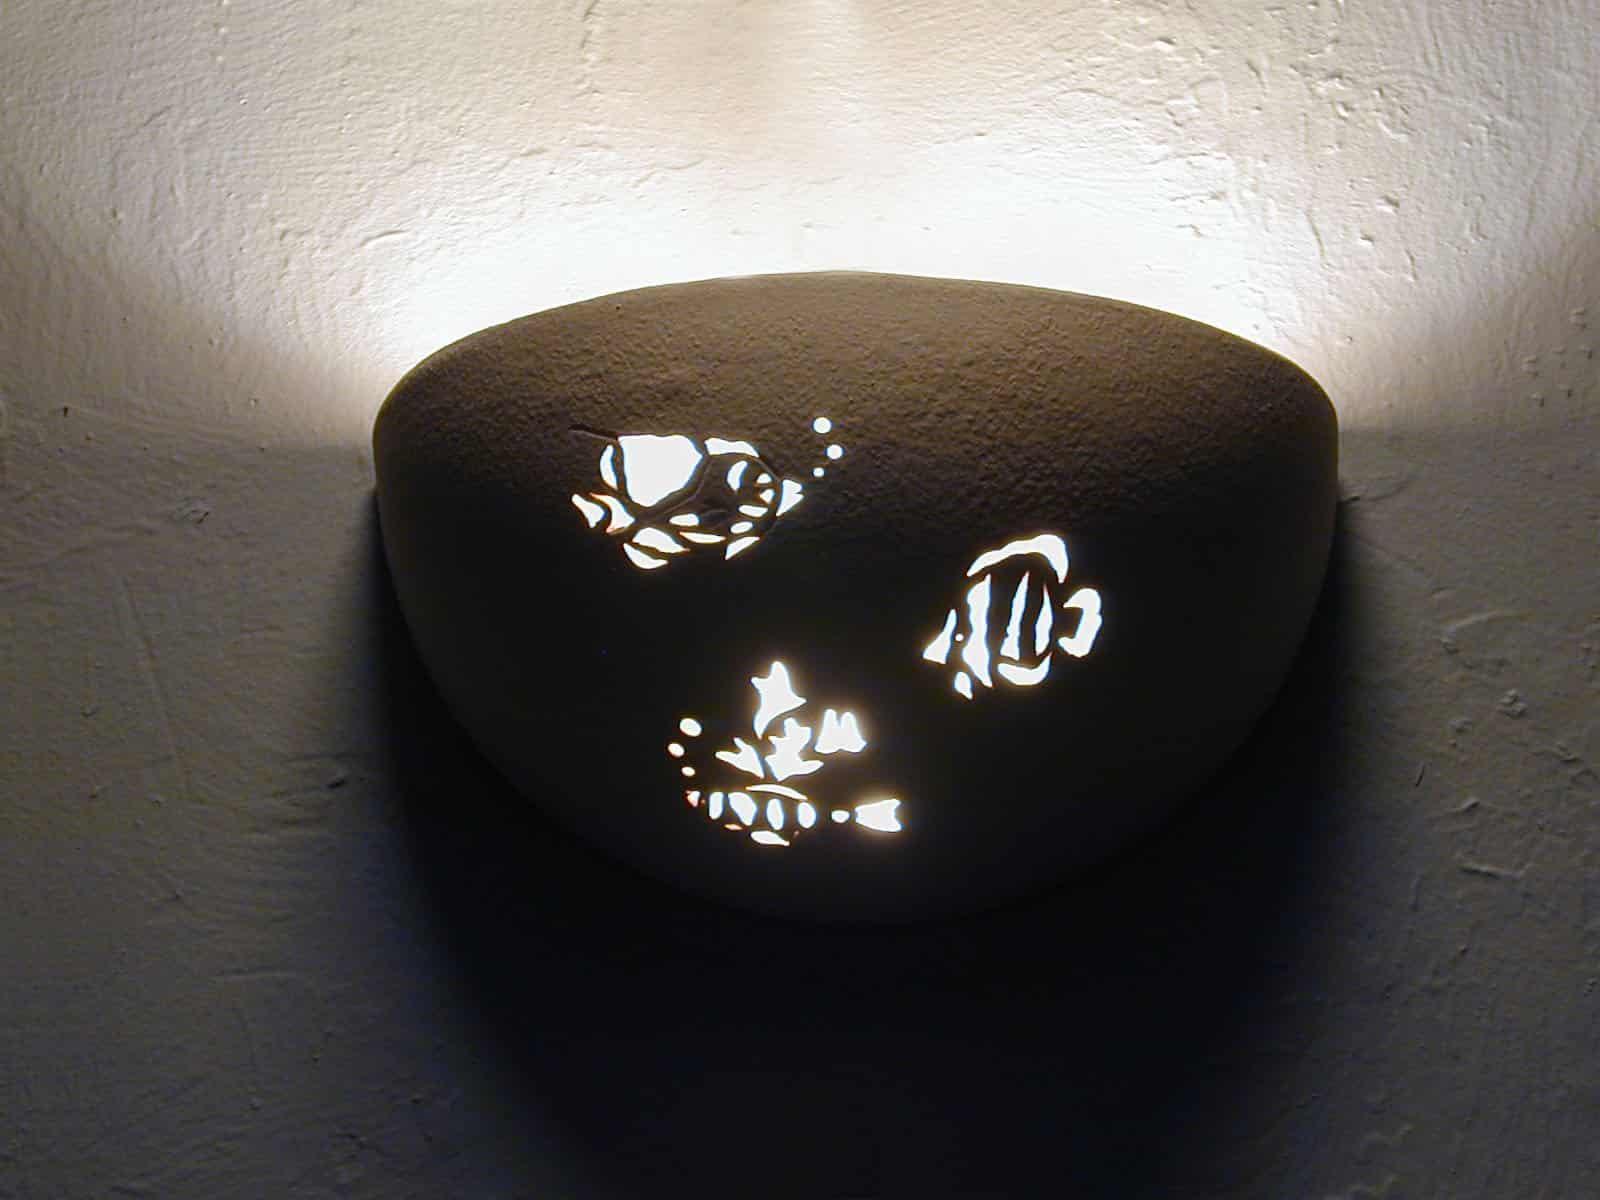 Small Bowl Up Light-Aquatic Fish Design-Linen color-Indoor